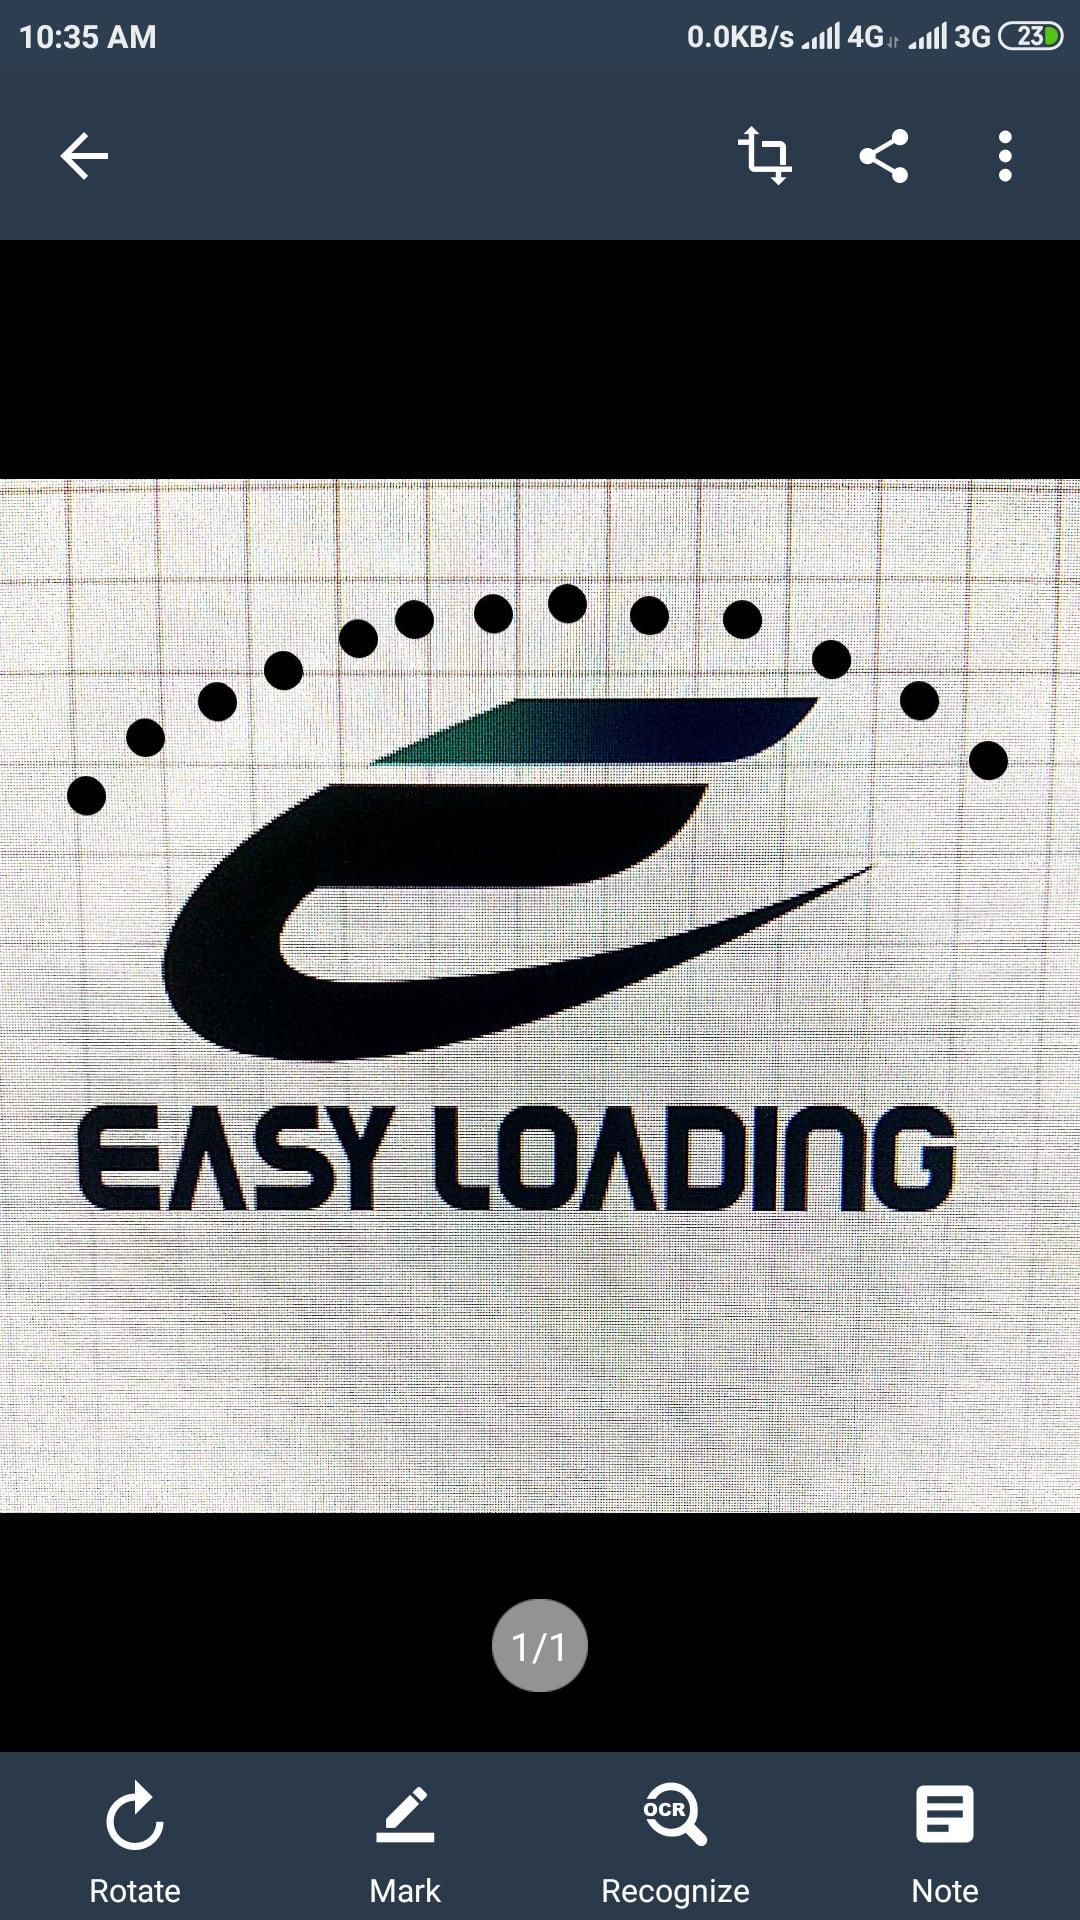 Easy Loading